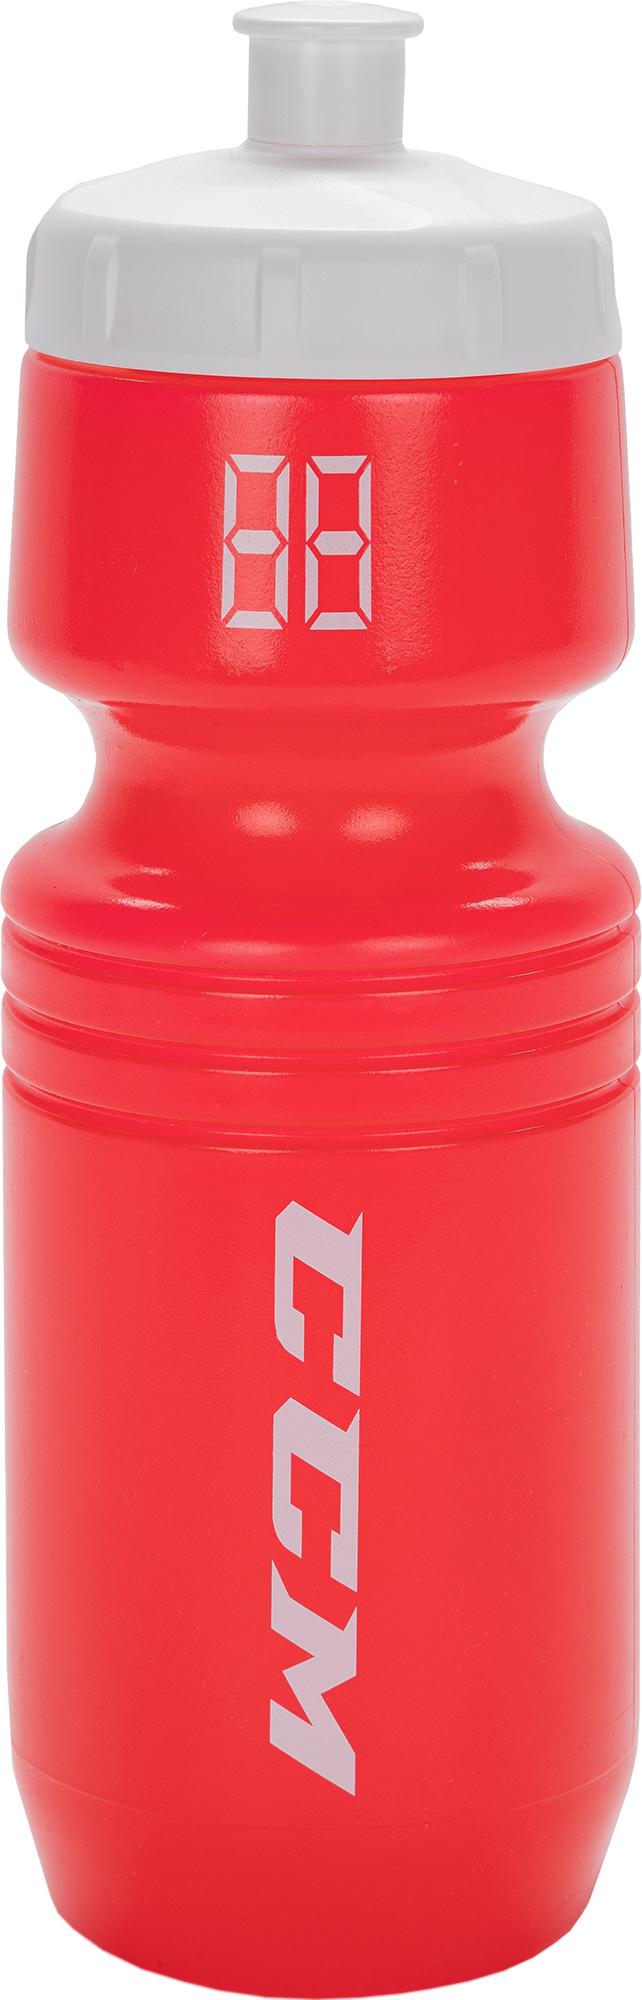 CCM Бутылка для воды CCM, 700 мл